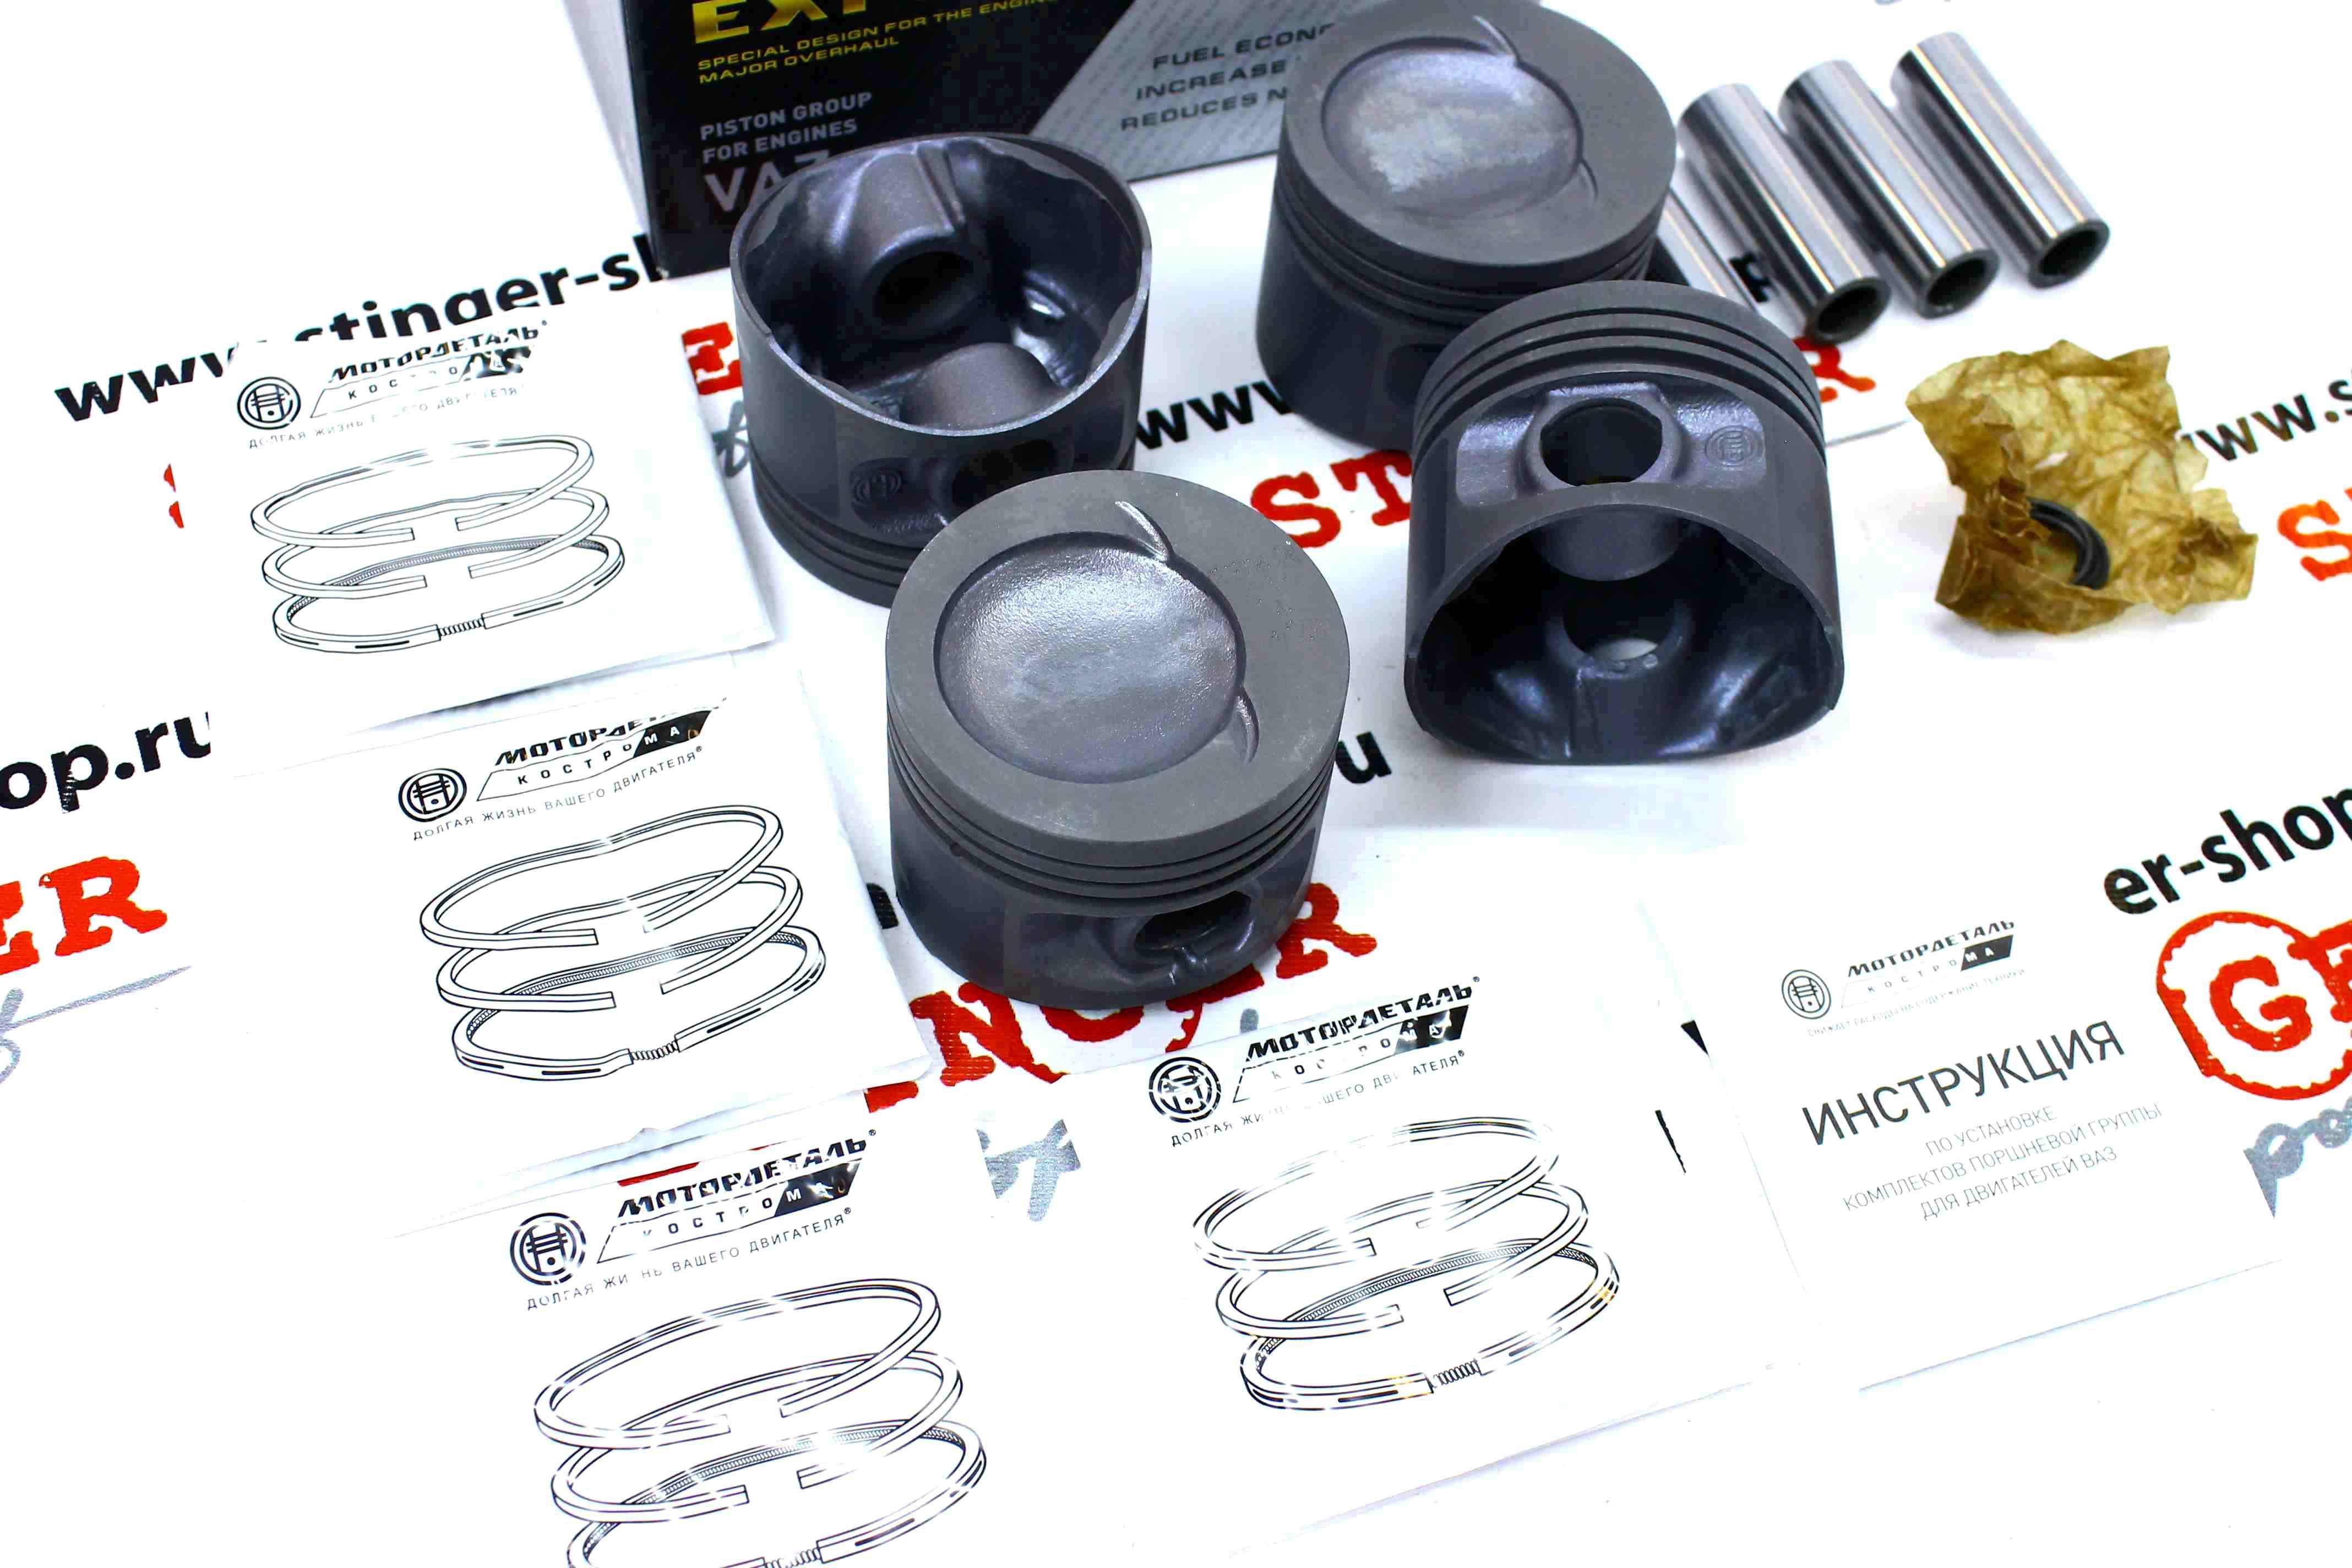 Поршни МоторДеталь (Кострома) Niva (Нива)  ф 82,0 группы A B C D E Black Edition полный комплект - купить Поршни МоторДеталь (Кострома) Niva (Нива)  ф 82,0 группы A B C D E Black Edition полный комплект, цена, отзывы. Продажа Поршни МоторДеталь (Кострома) Niva (Нива)  ф 82,0 группы A B C D E Black Edition полный комплект в интернет-магазине Стингер шоп